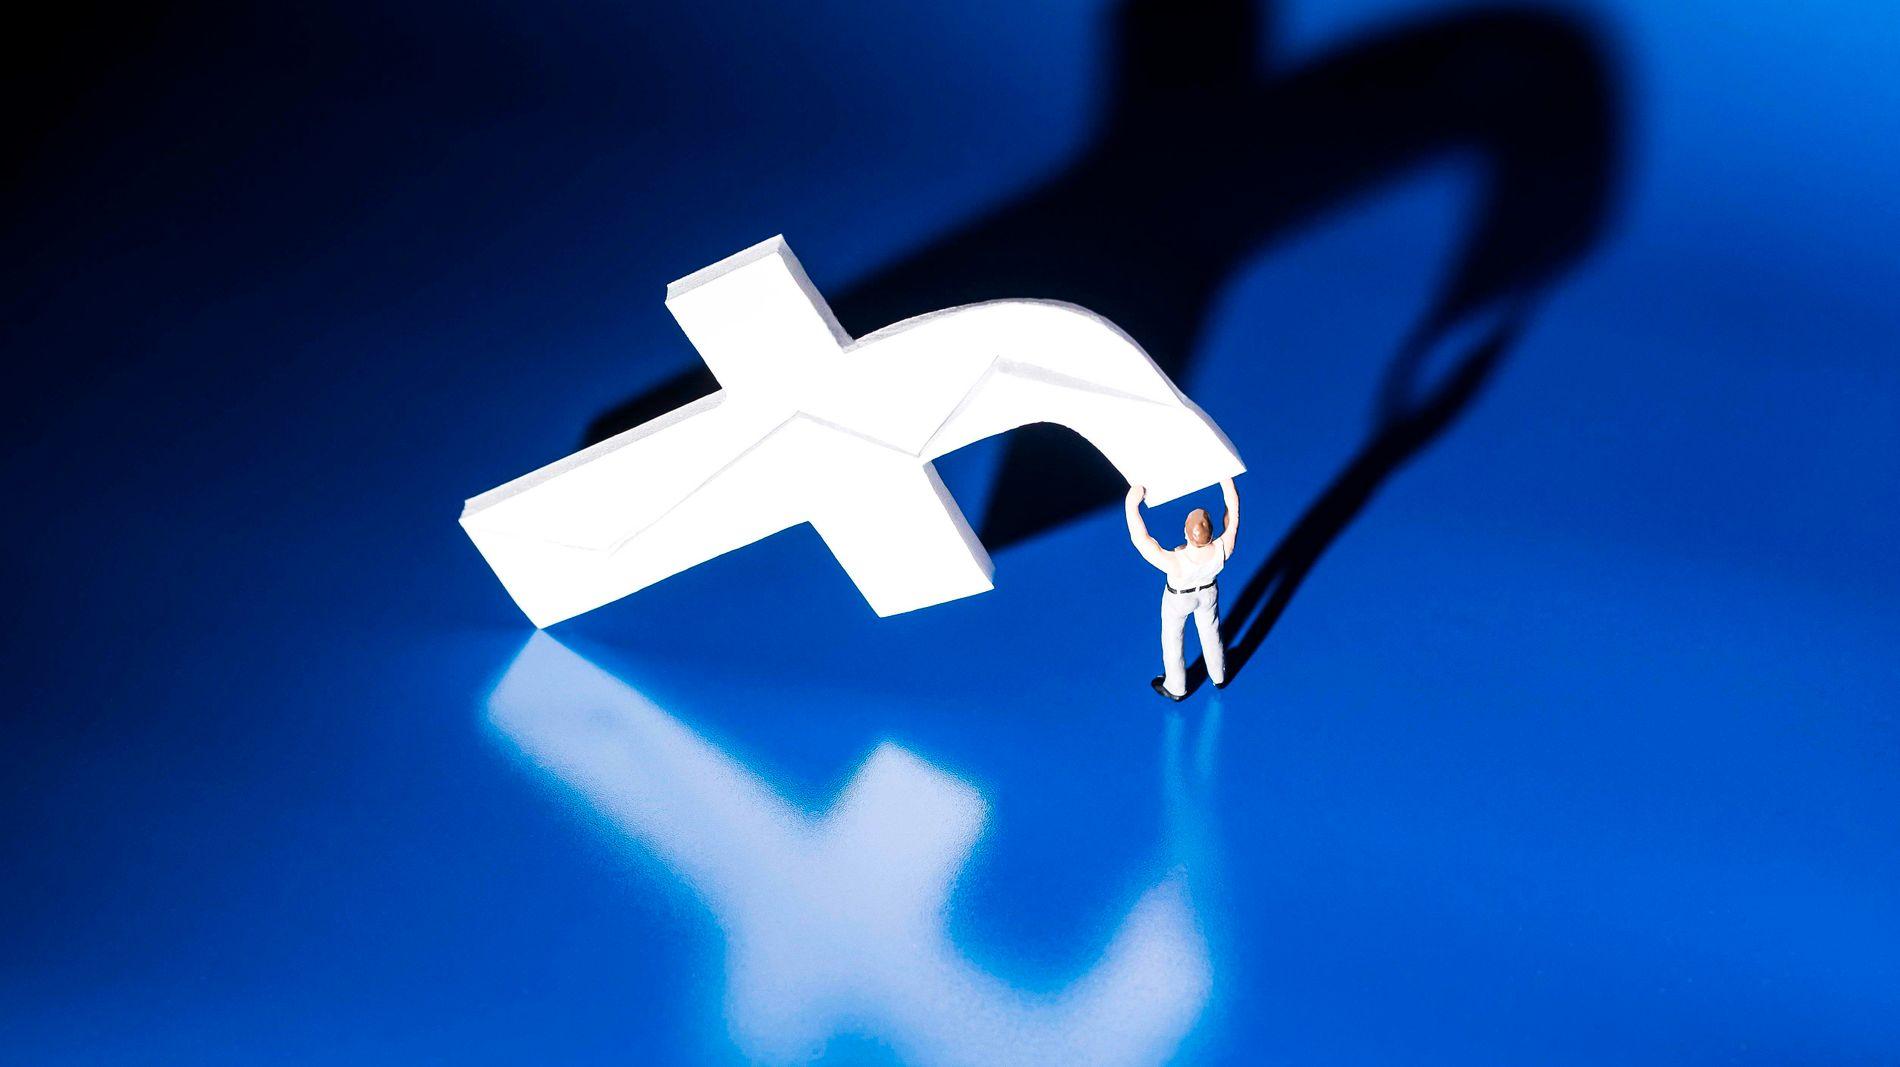 SLO TIL: Facebook leverte bedre resultat enn ventet i tredje kvartal. Selskapet fikk også en svak fremgang i antallet aktive daglige brukere, men ikke så sterk som ventet. Illustrasjonsbilde.